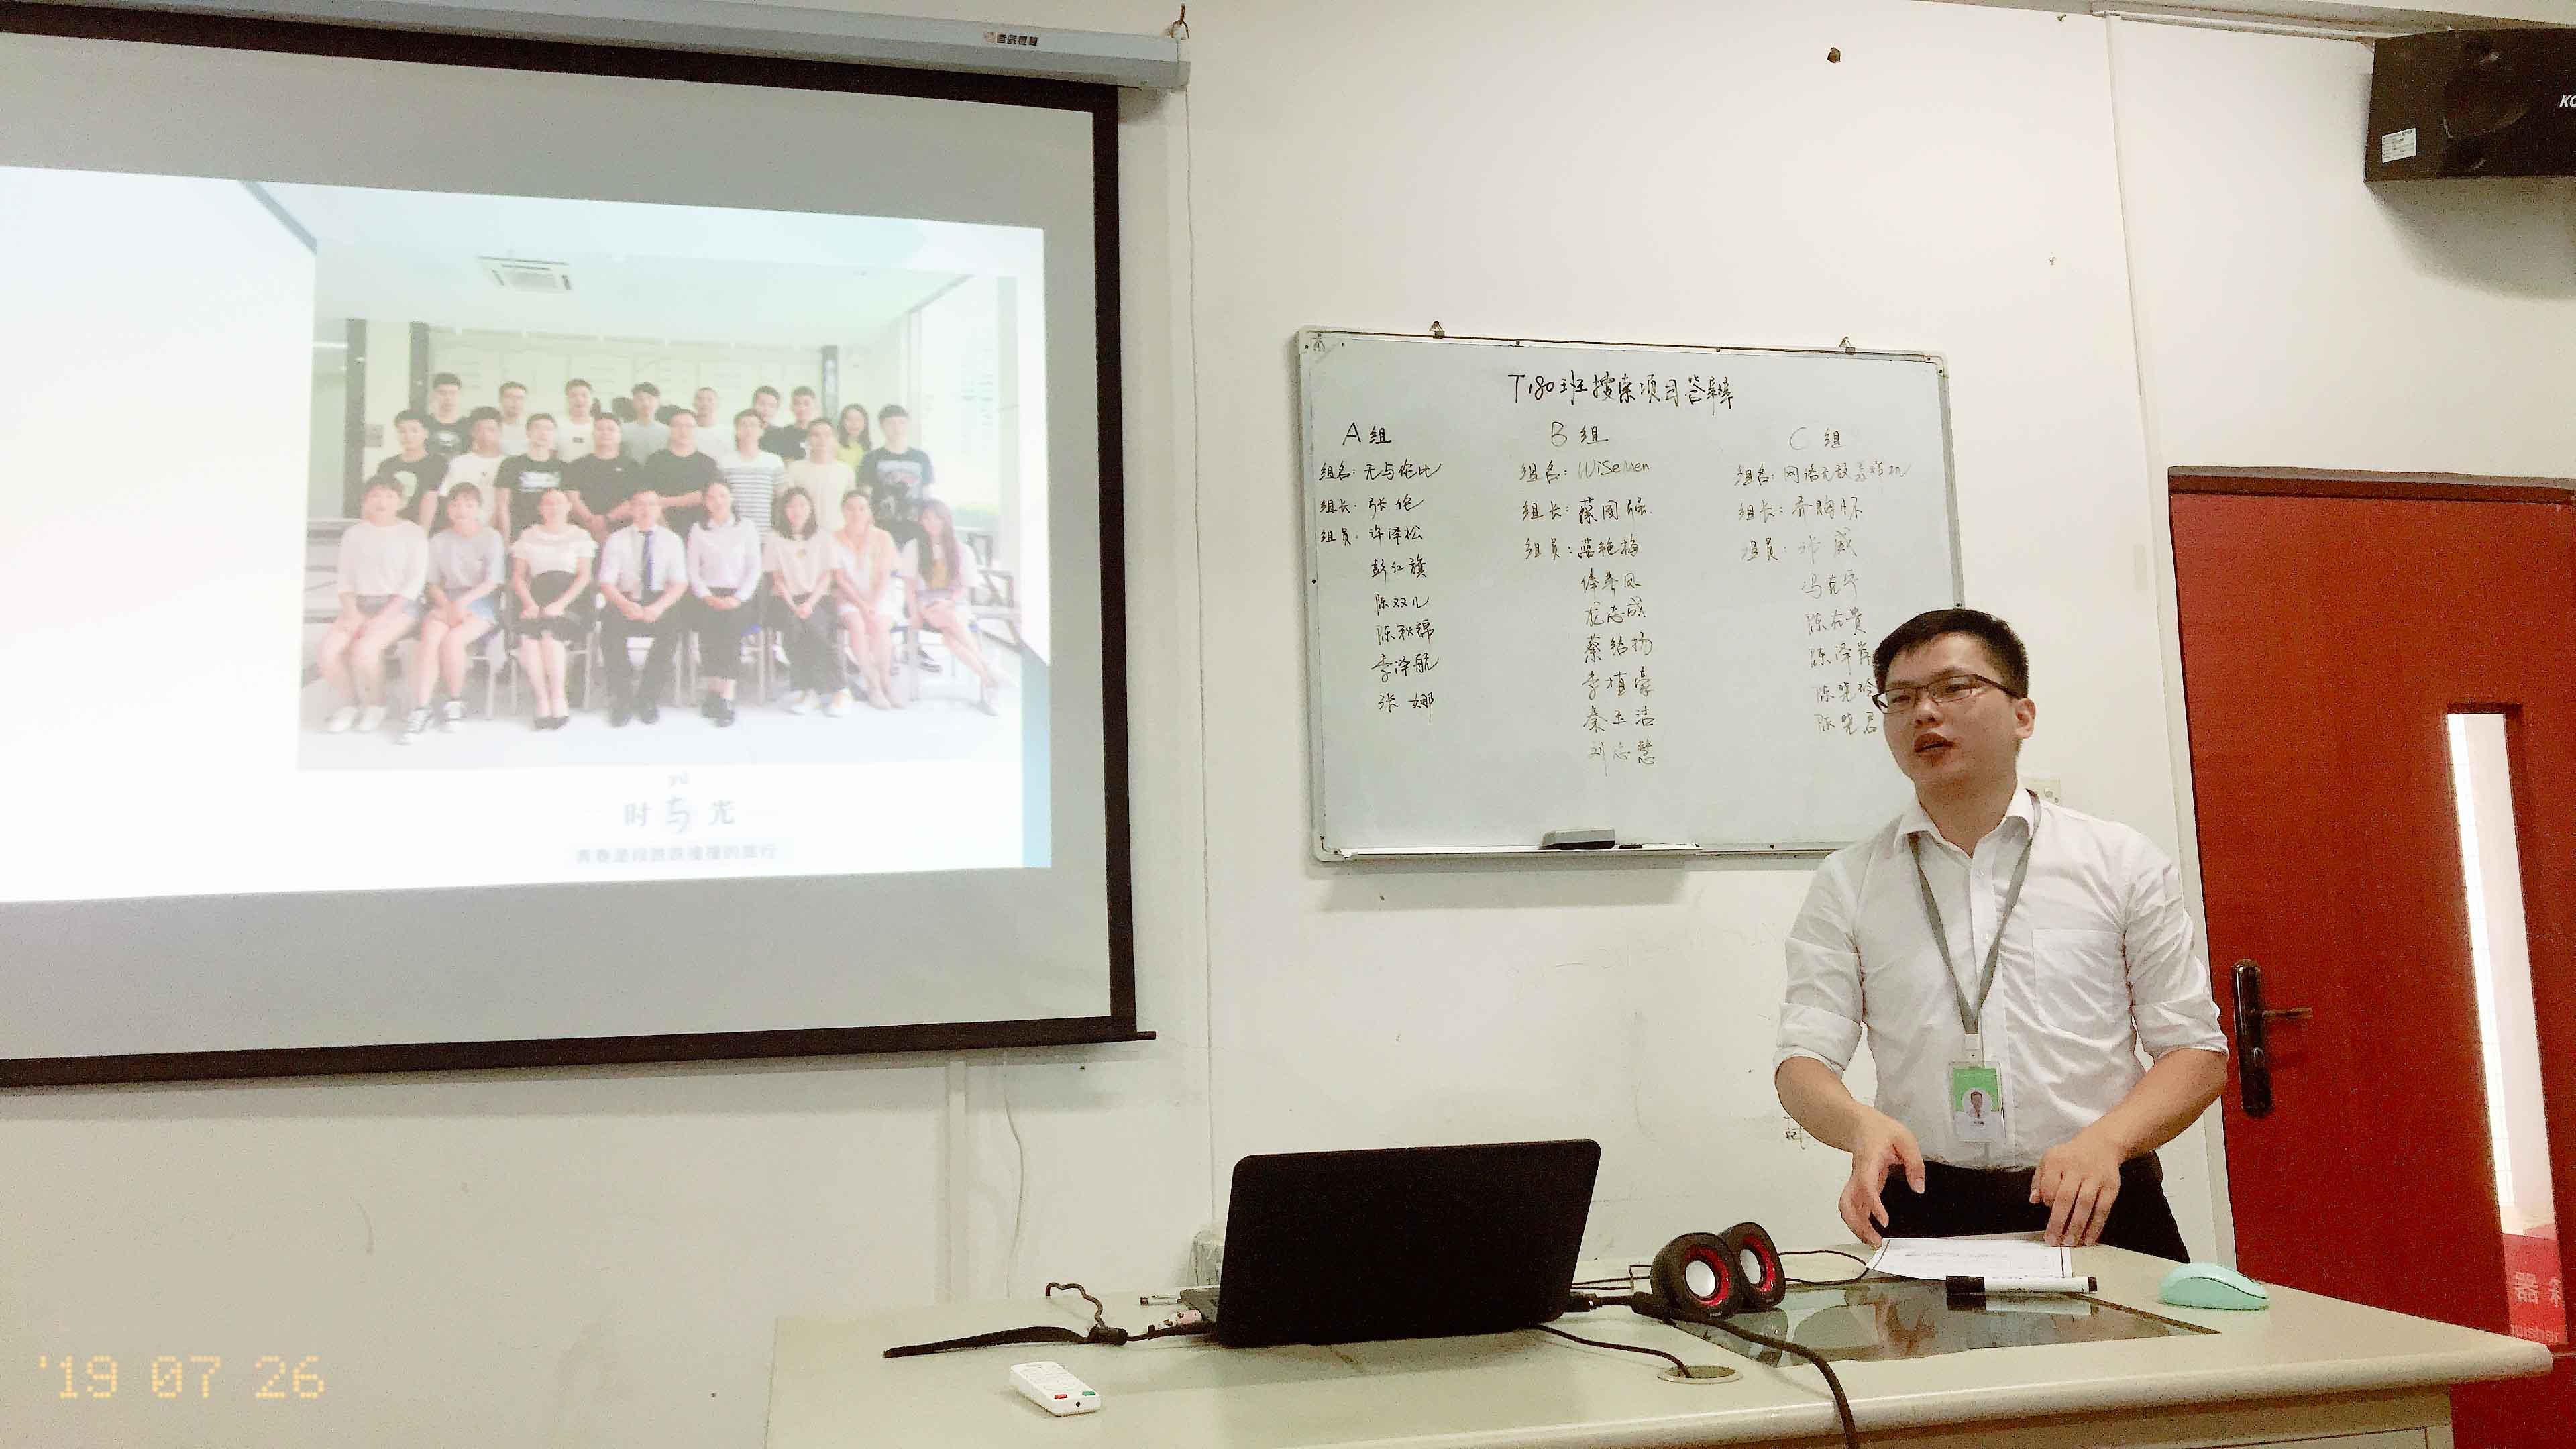 嘉华金蛛T180班搜索引擎营销SEM项目答辩